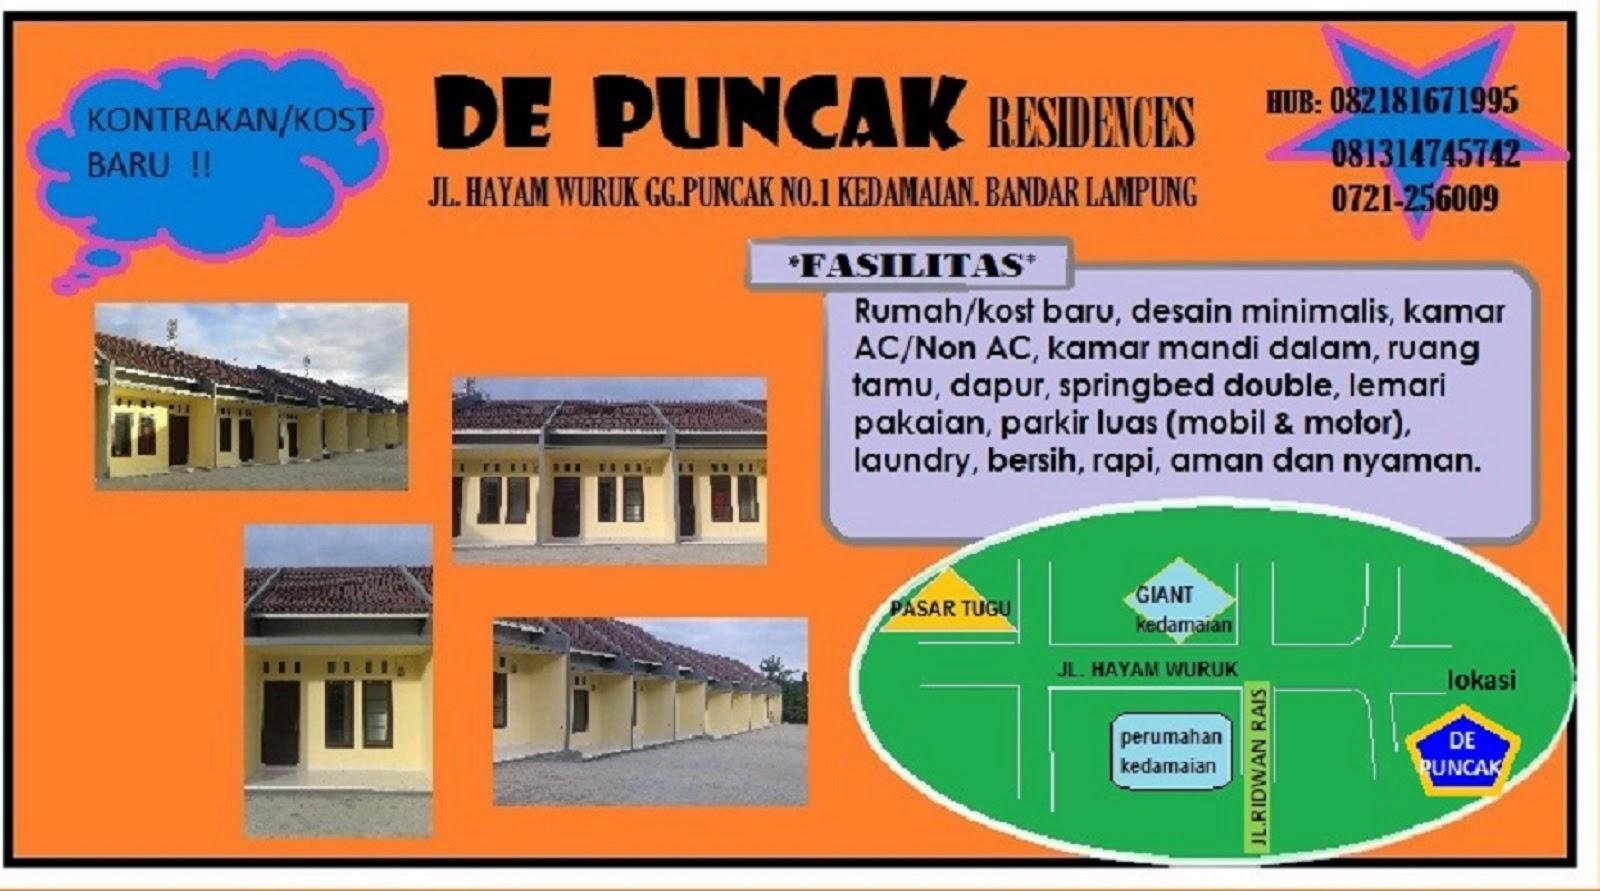 Rumah Kontrakan Minimalis Bandar Lampung | Info Kost & Kontrakan